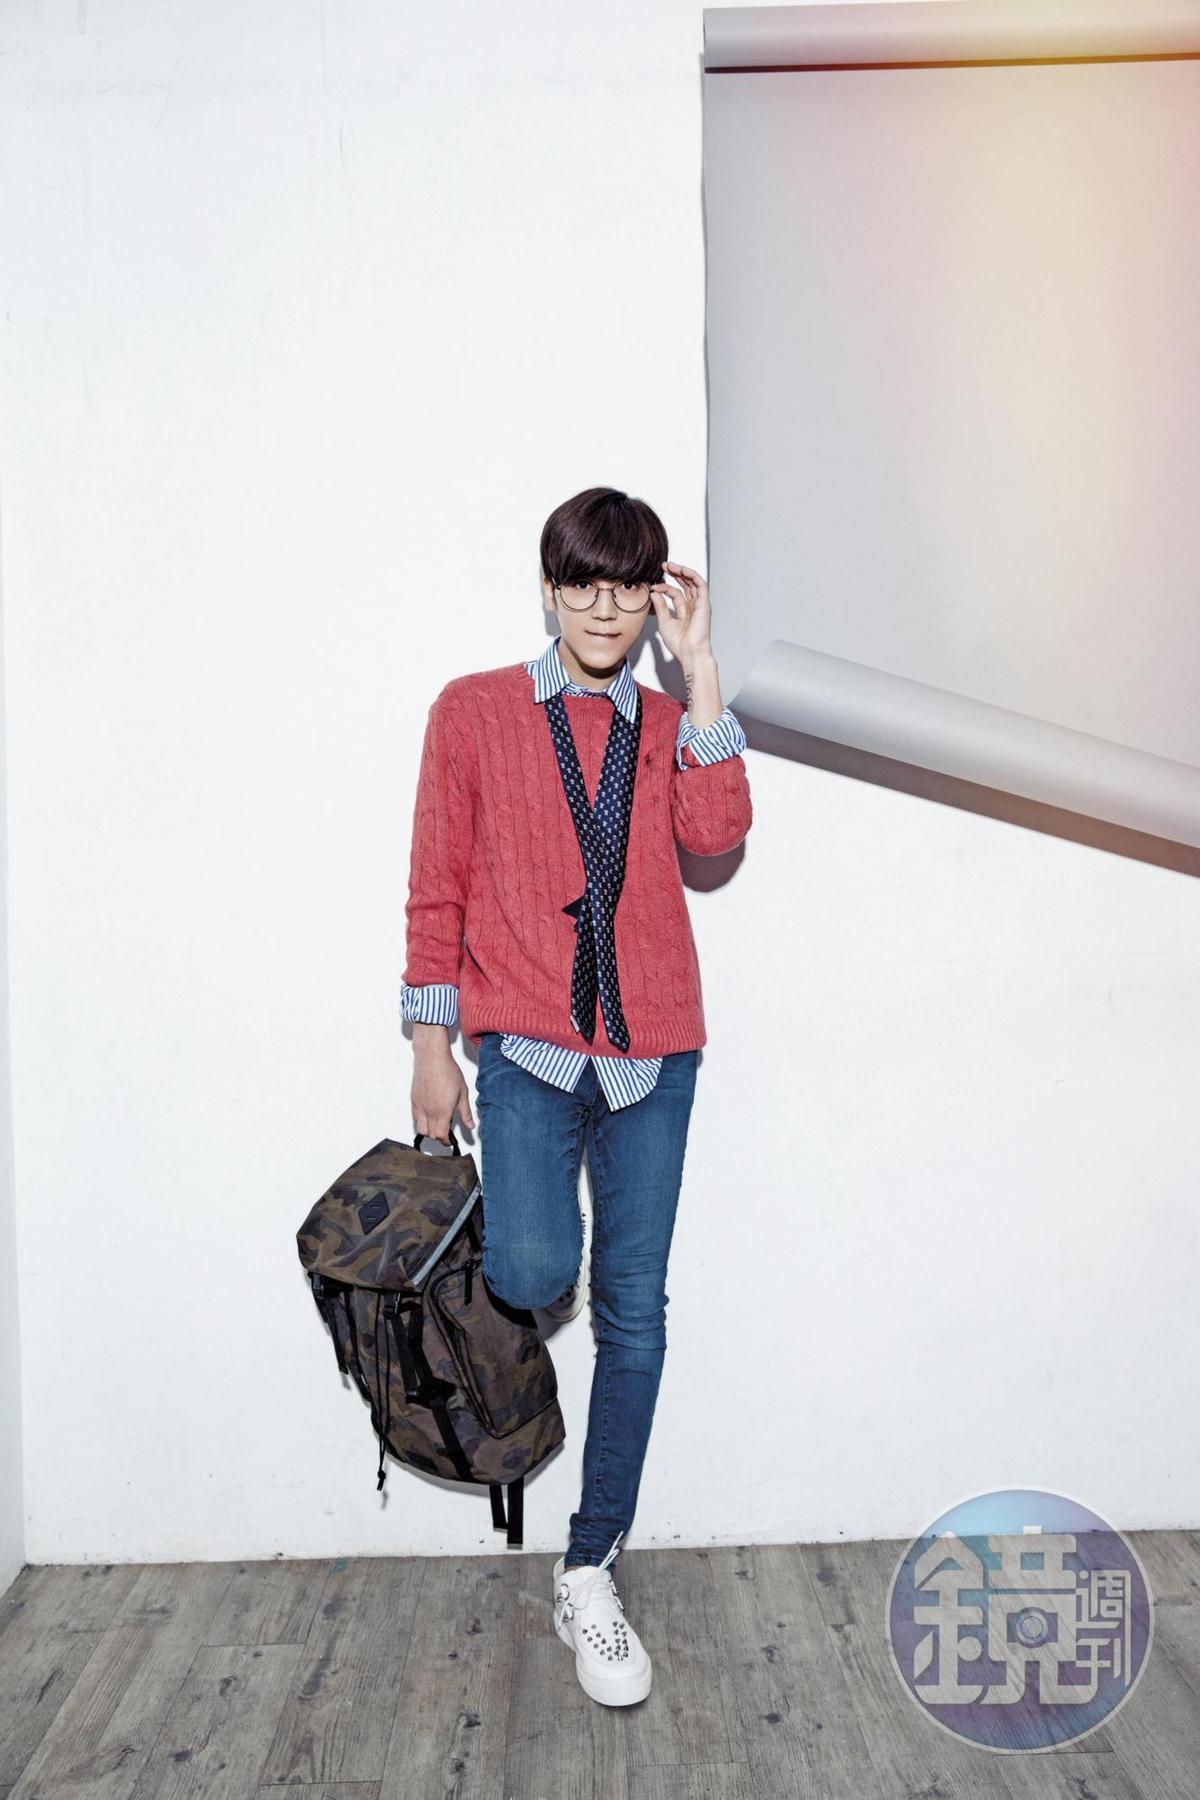 韓國買的平光眼鏡,約NT$1,000;Ralph Lauren條紋襯衫,NT$4,680;Ralph Lauren紅色毛衣,NT$4,680;媽媽的GAP牛仔褲,約NT$1,000;Ralph Lauren迷彩背包,NT$7,880;iiJin白色球鞋,廠商贈送的。